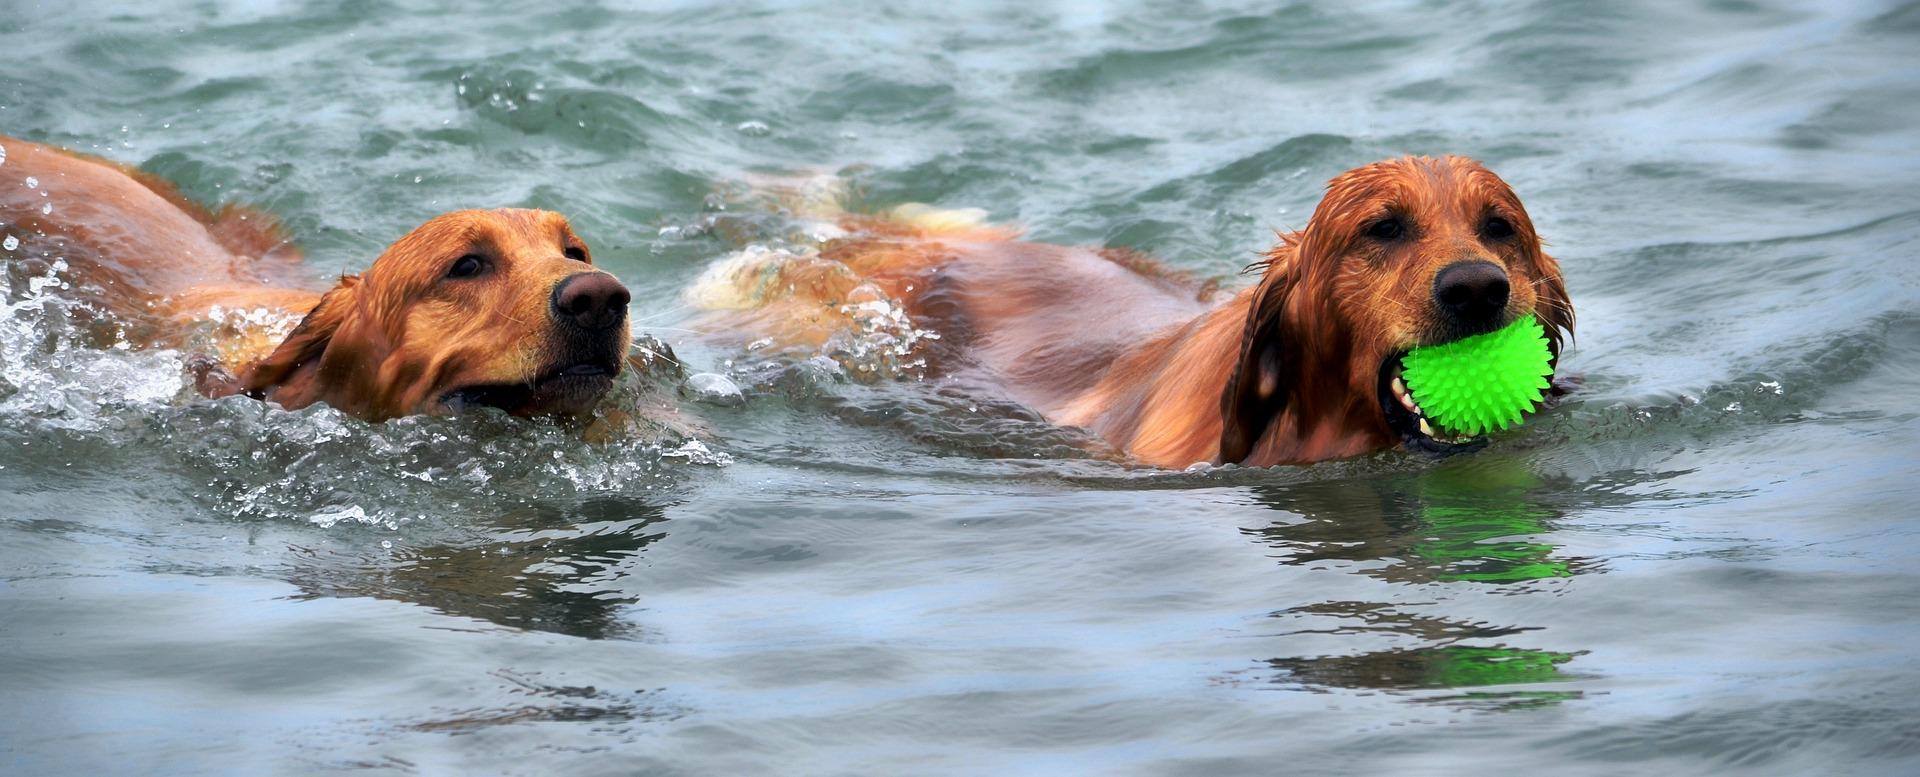 Tous les chiens ne savent pas nager